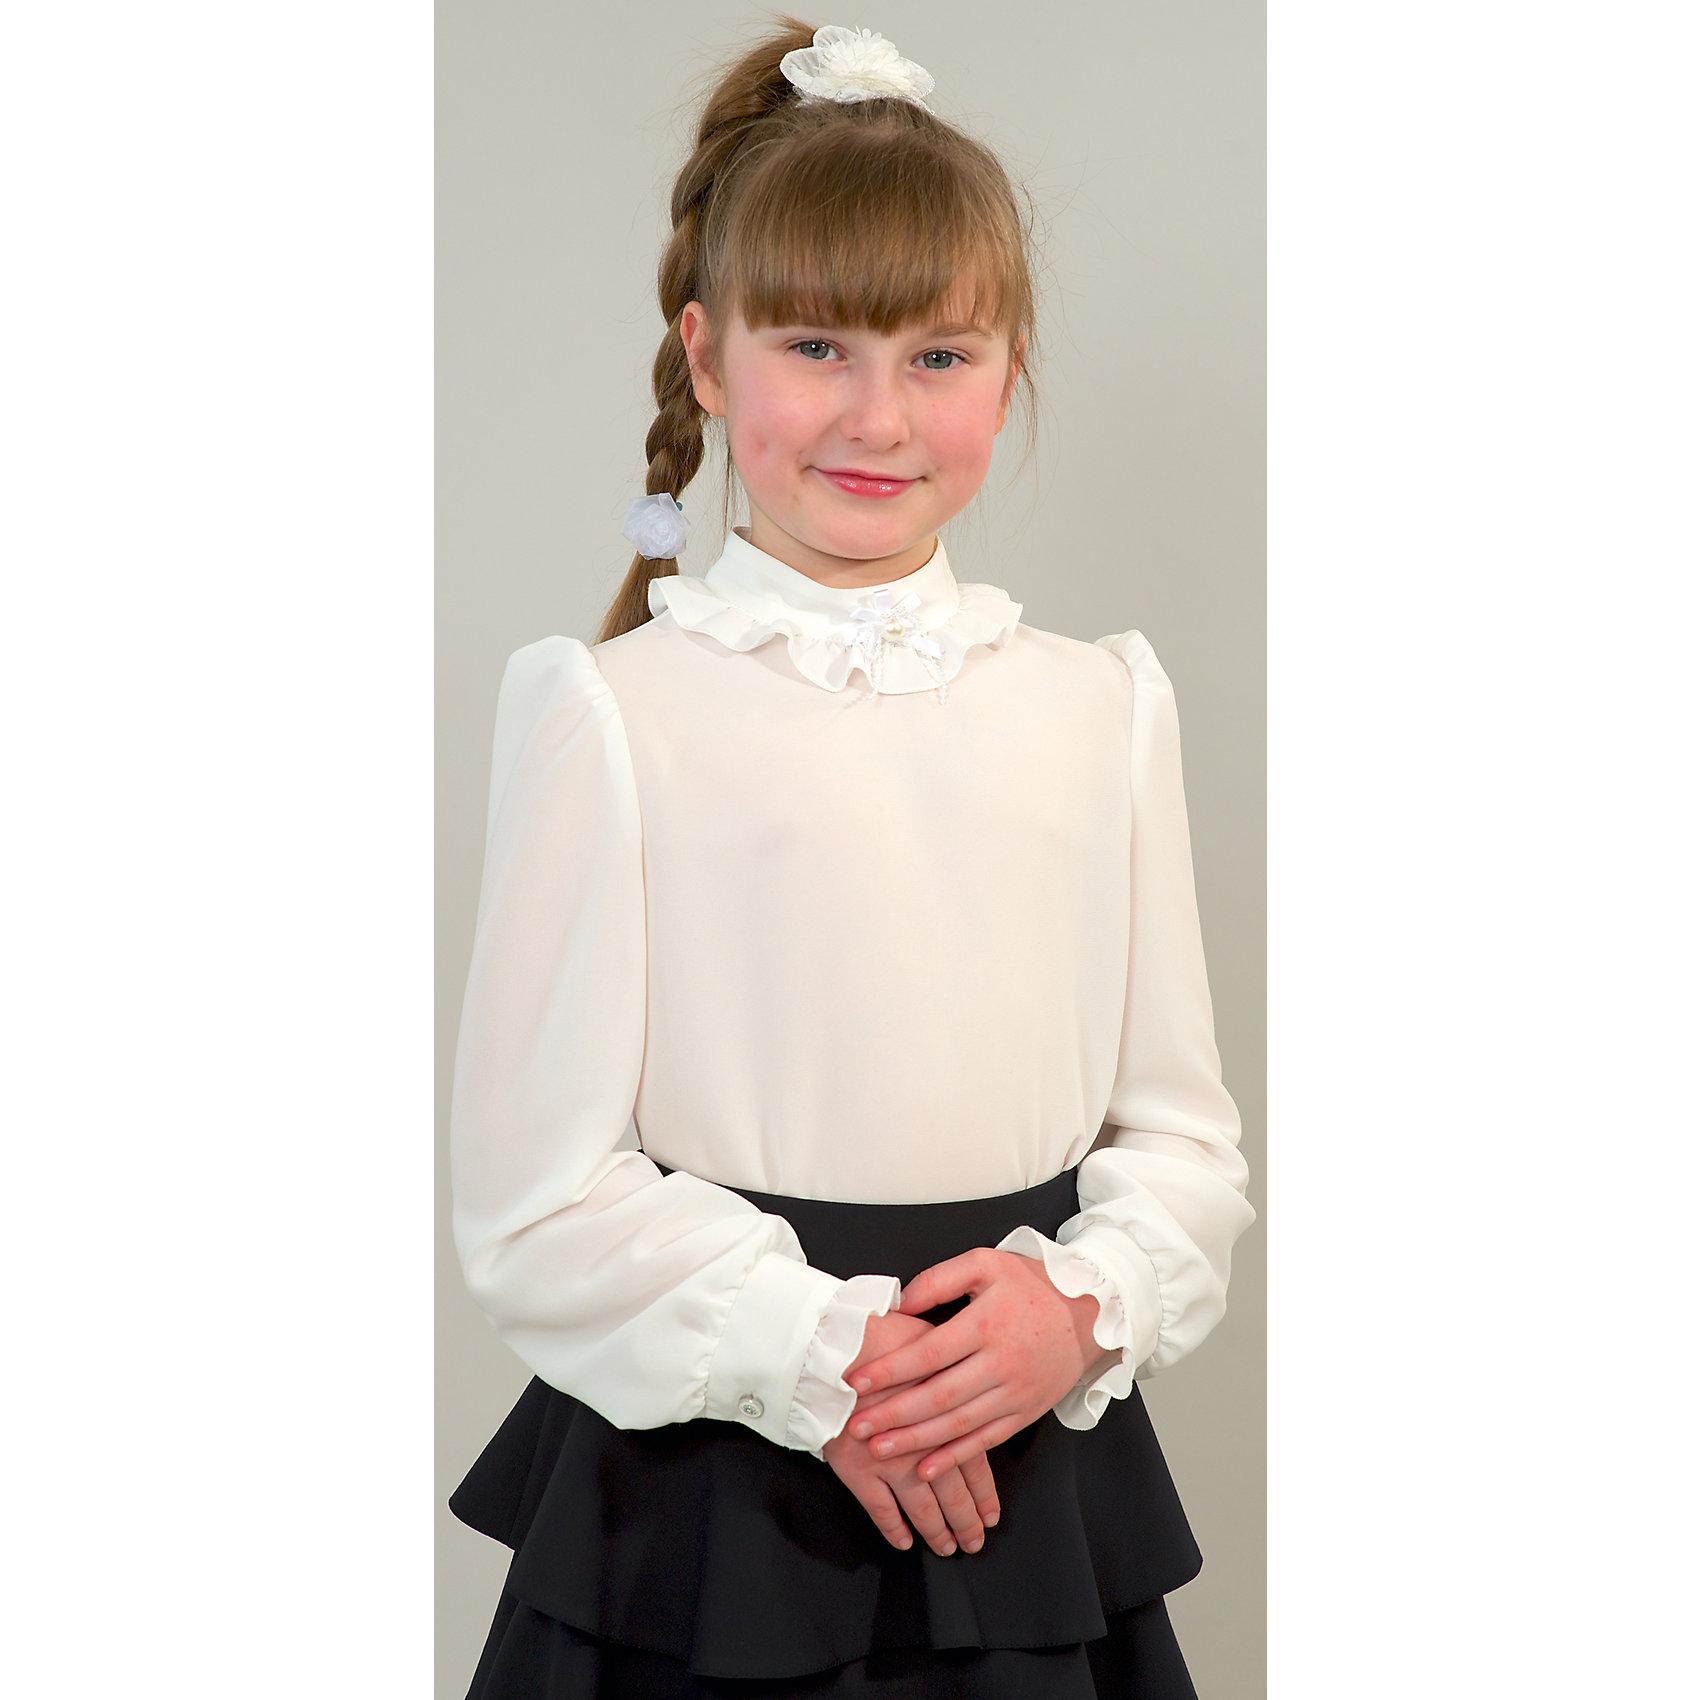 Блузка для девочки СменаБлузки и рубашки<br>Блузка для девочки от российской марки Смена.<br>Элегантная блузка с воротником - стойкой и застёжкой на потайную молнию на спинке. Блузка декорирована оборочками по горловине и низу манжет.<br>Состав:<br>35% хлопок, 65%  полиэстер<br><br>Ширина мм: 186<br>Глубина мм: 87<br>Высота мм: 198<br>Вес г: 197<br>Цвет: белый<br>Возраст от месяцев: 72<br>Возраст до месяцев: 84<br>Пол: Женский<br>Возраст: Детский<br>Размер: 122,146,128,158,134,140,152<br>SKU: 4177392